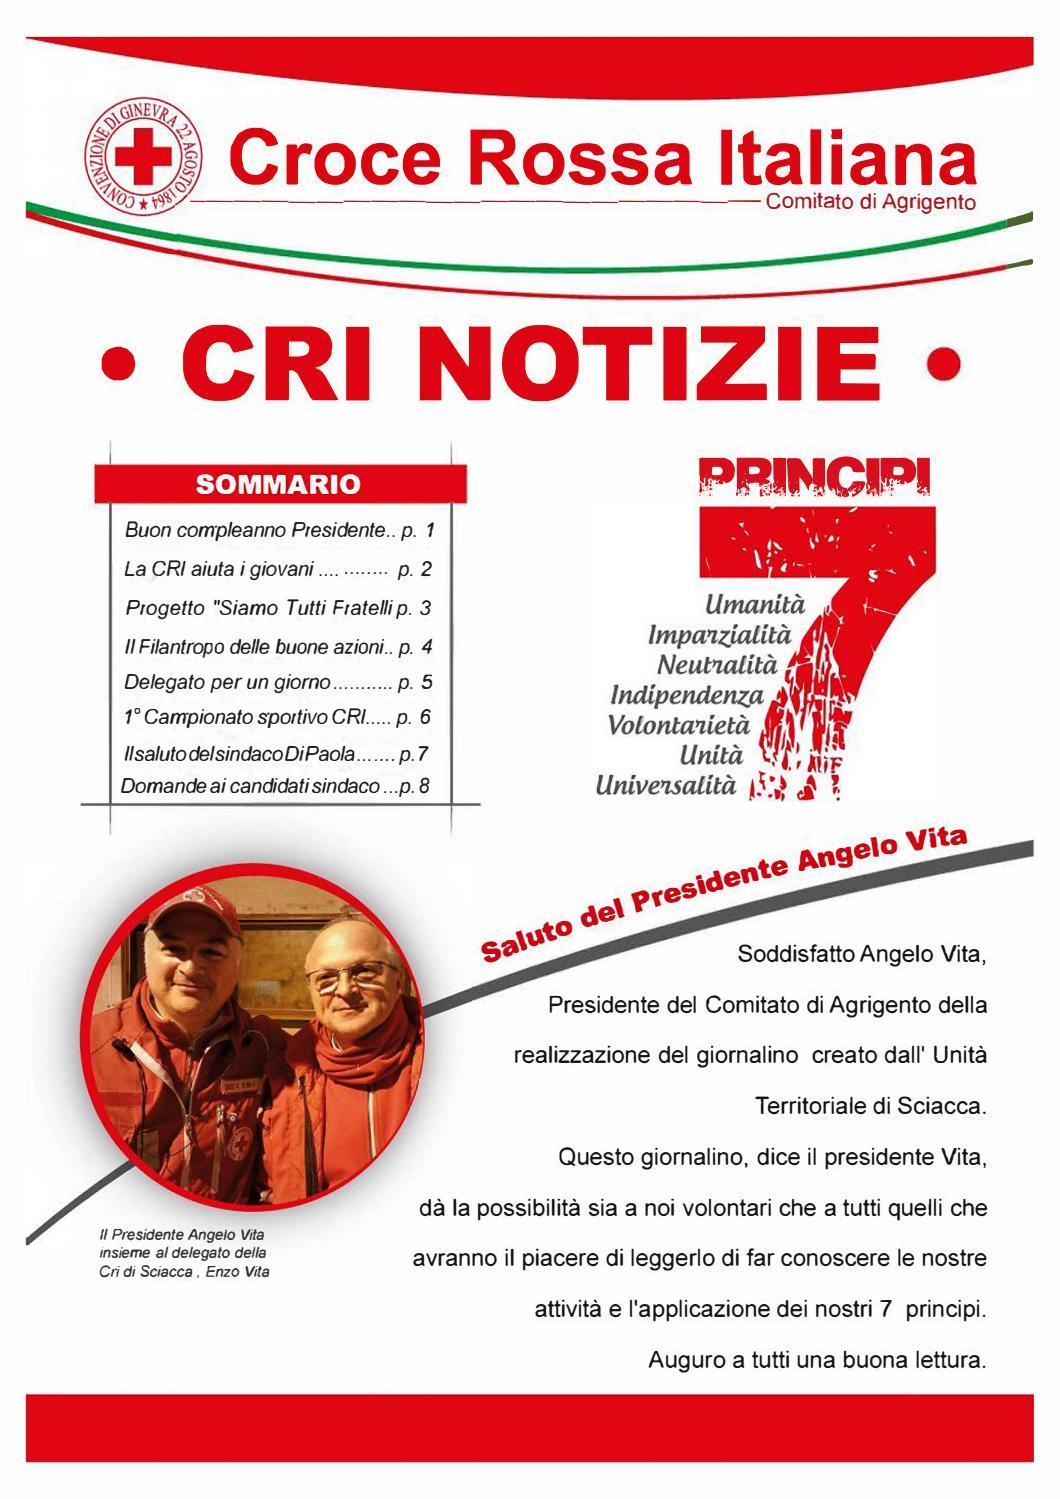 Cri Notizie 2 By Crisciacca Issuu